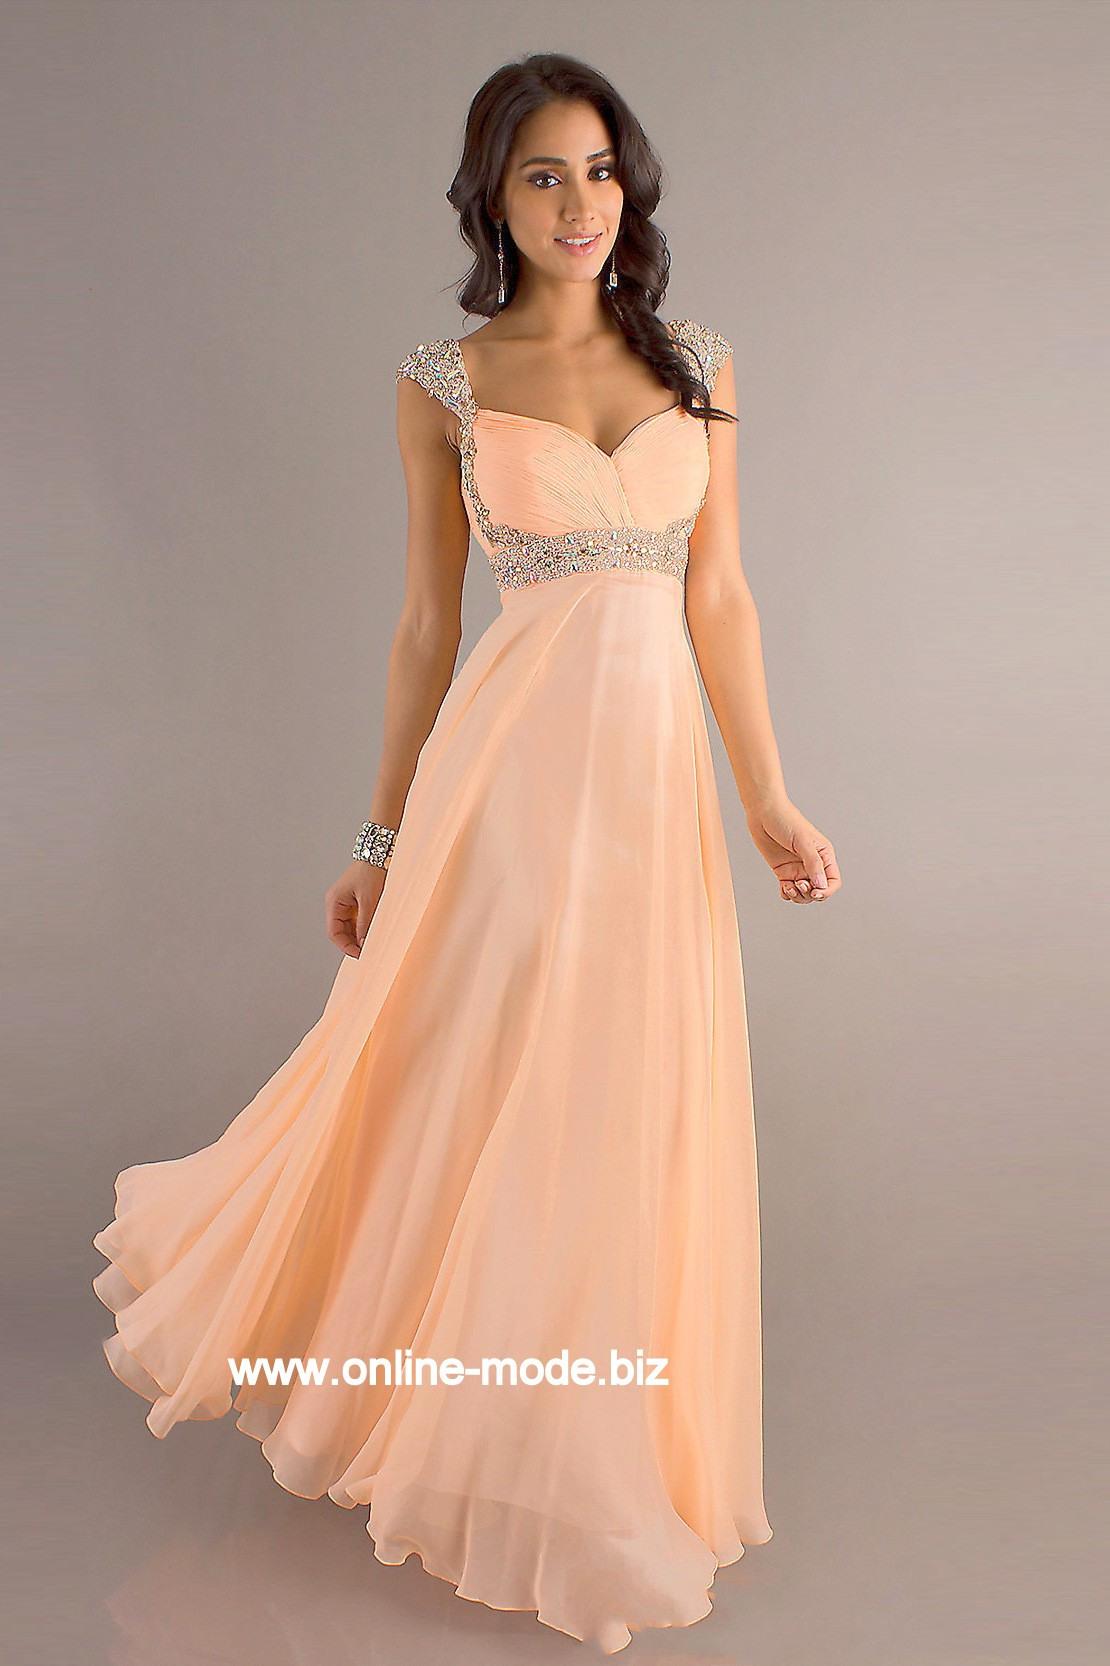 Designer Ausgezeichnet Damen Kleider Abendmode Boutique20 Ausgezeichnet Damen Kleider Abendmode Stylish